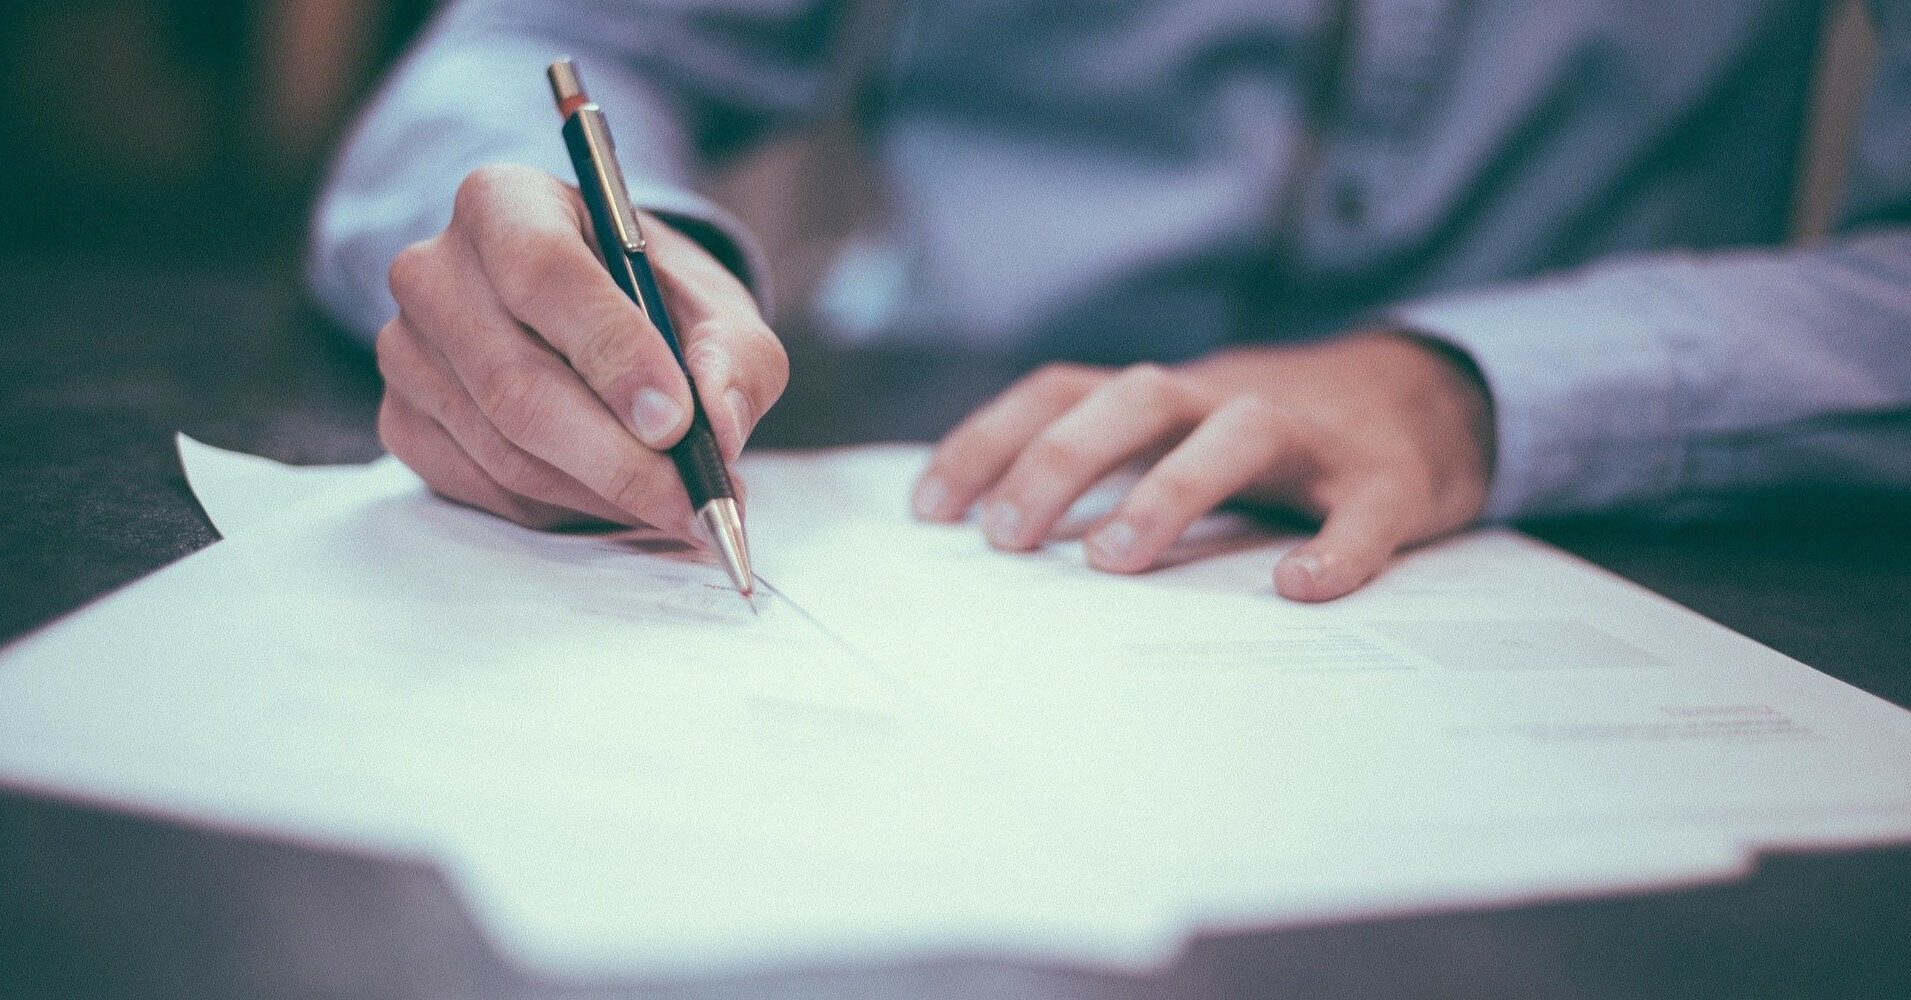 Списанный реферат может обойтись студенту в годовую стипендию